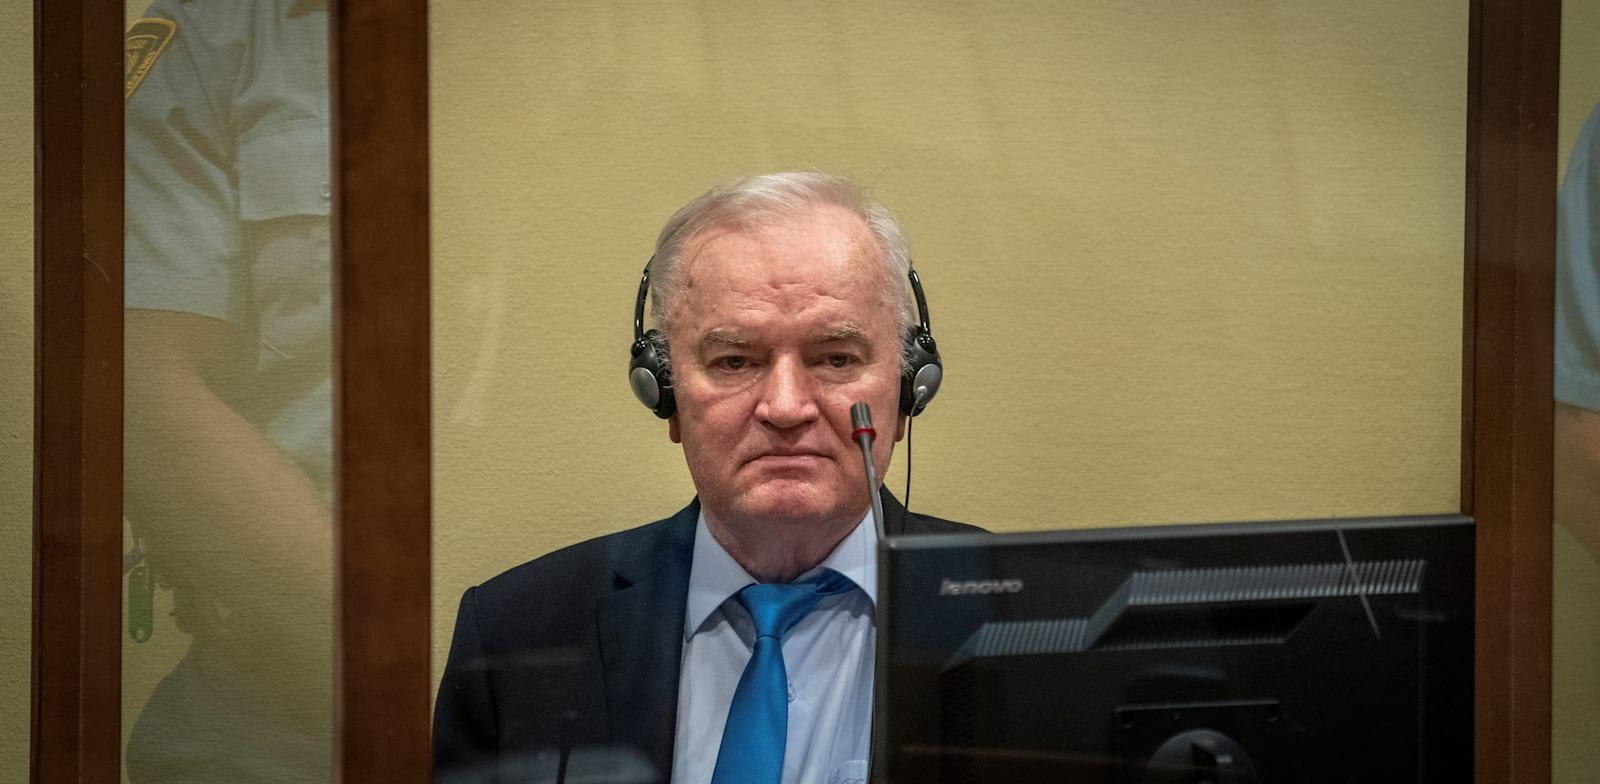 רטקו מלאדיץ' בעת השימוע בהאג / צילום: Reuters, ג'רי למפן